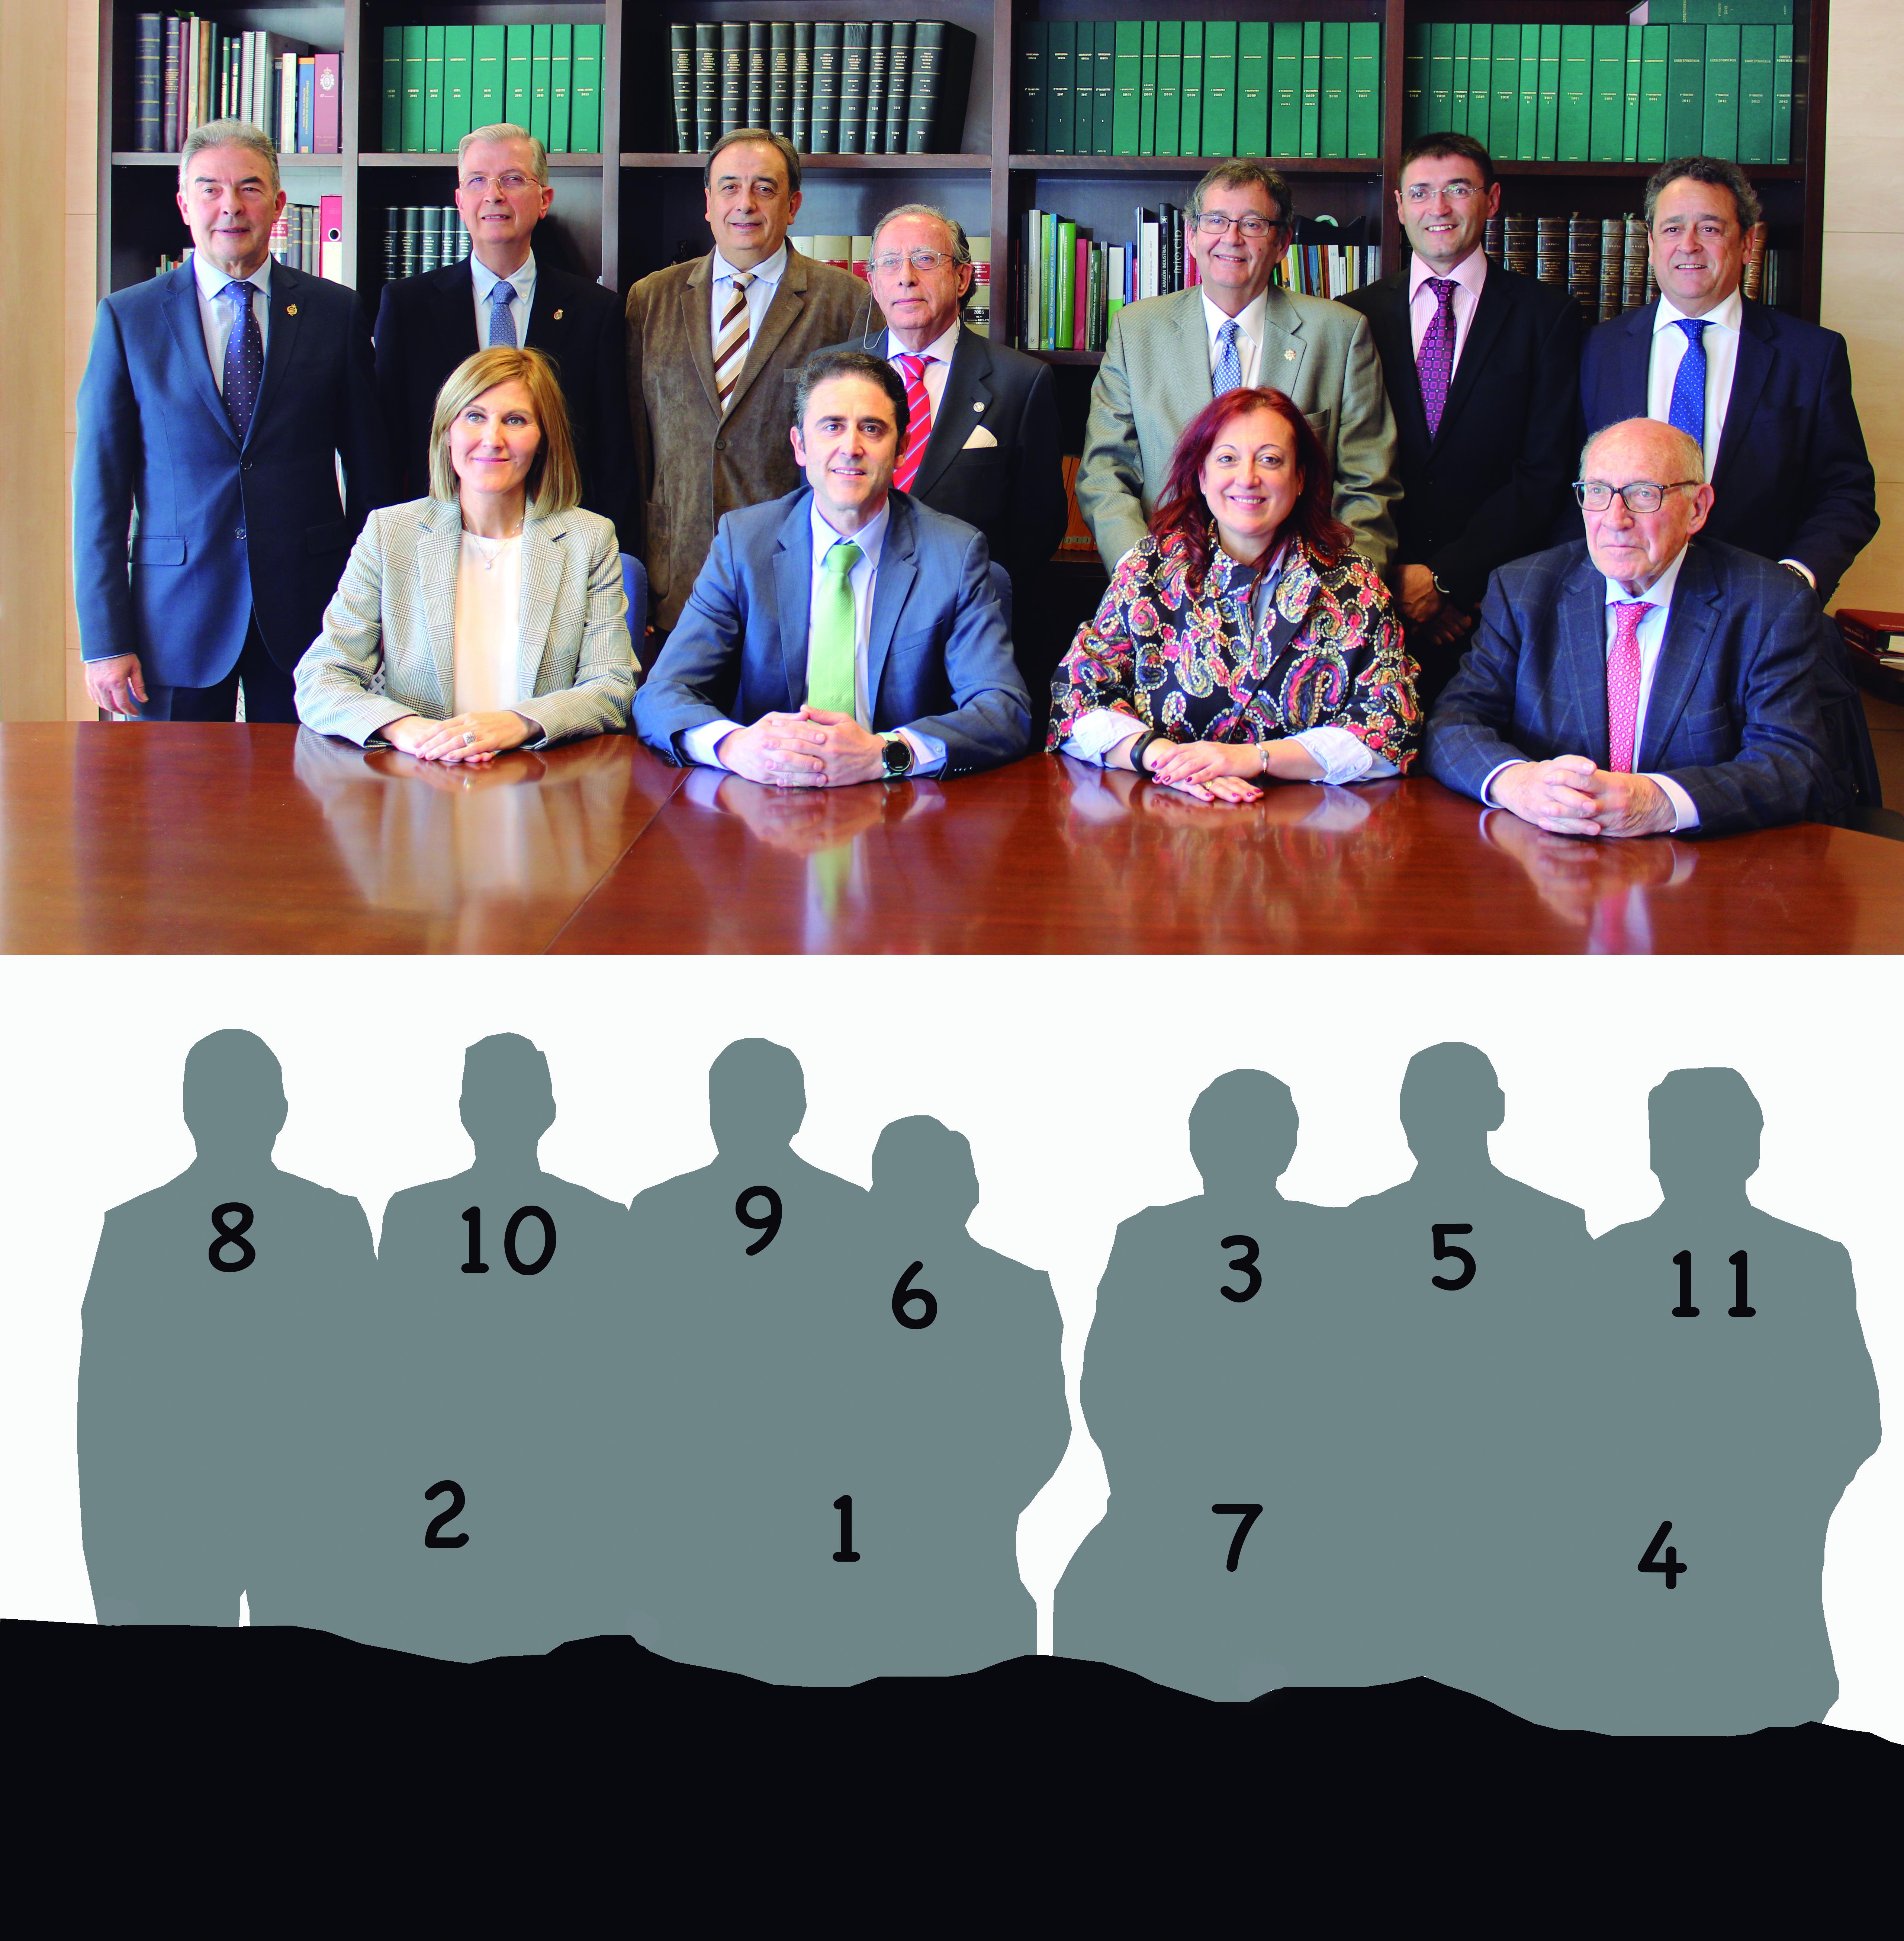 junta ejecutiva_silueta